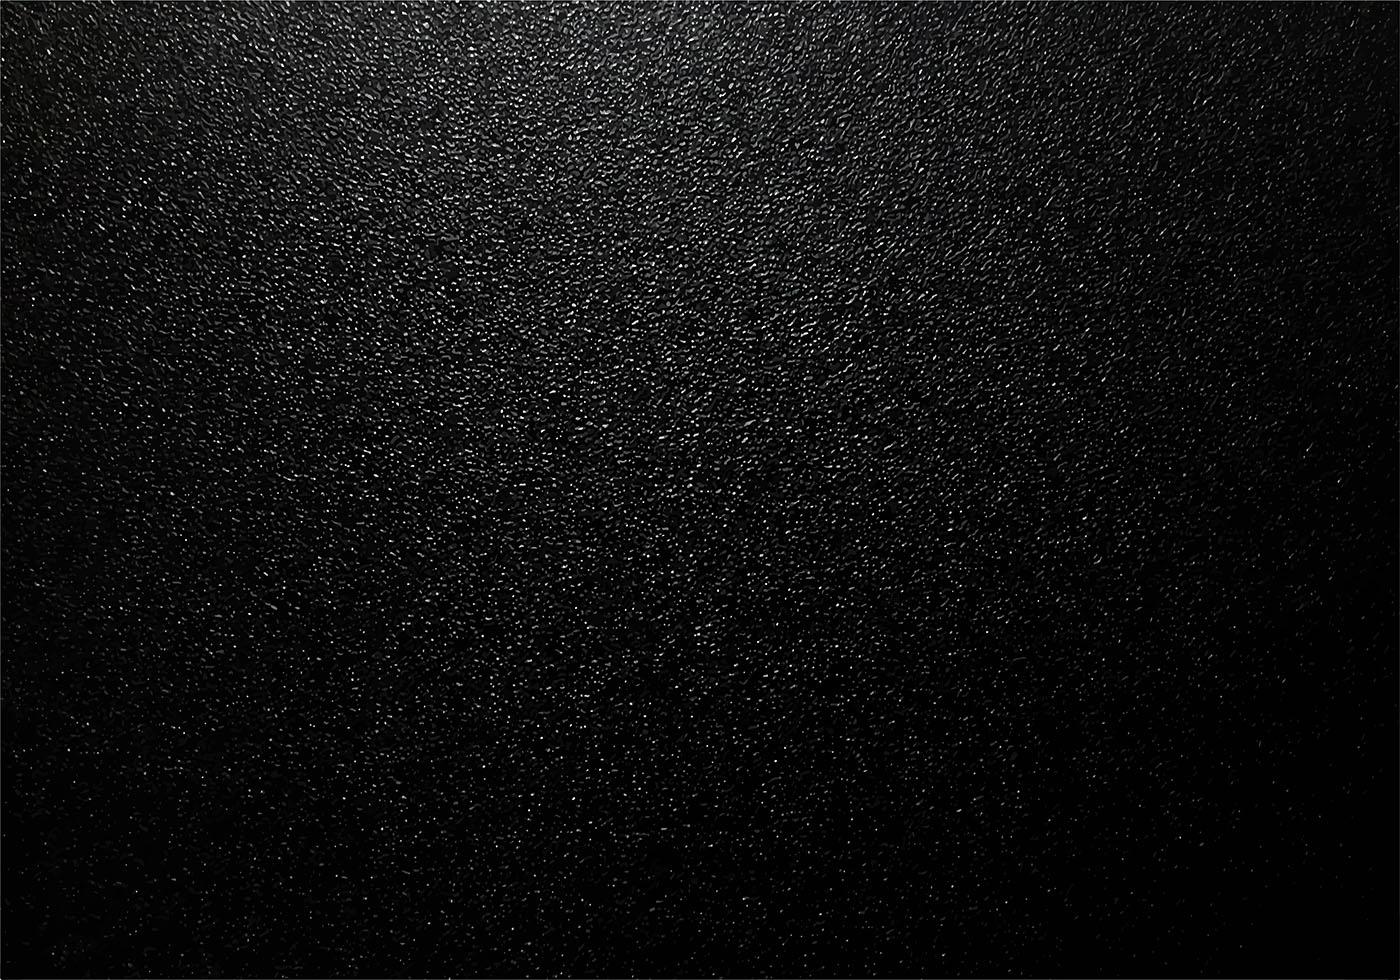 黑色背景 免費下載 | 天天瘋後製